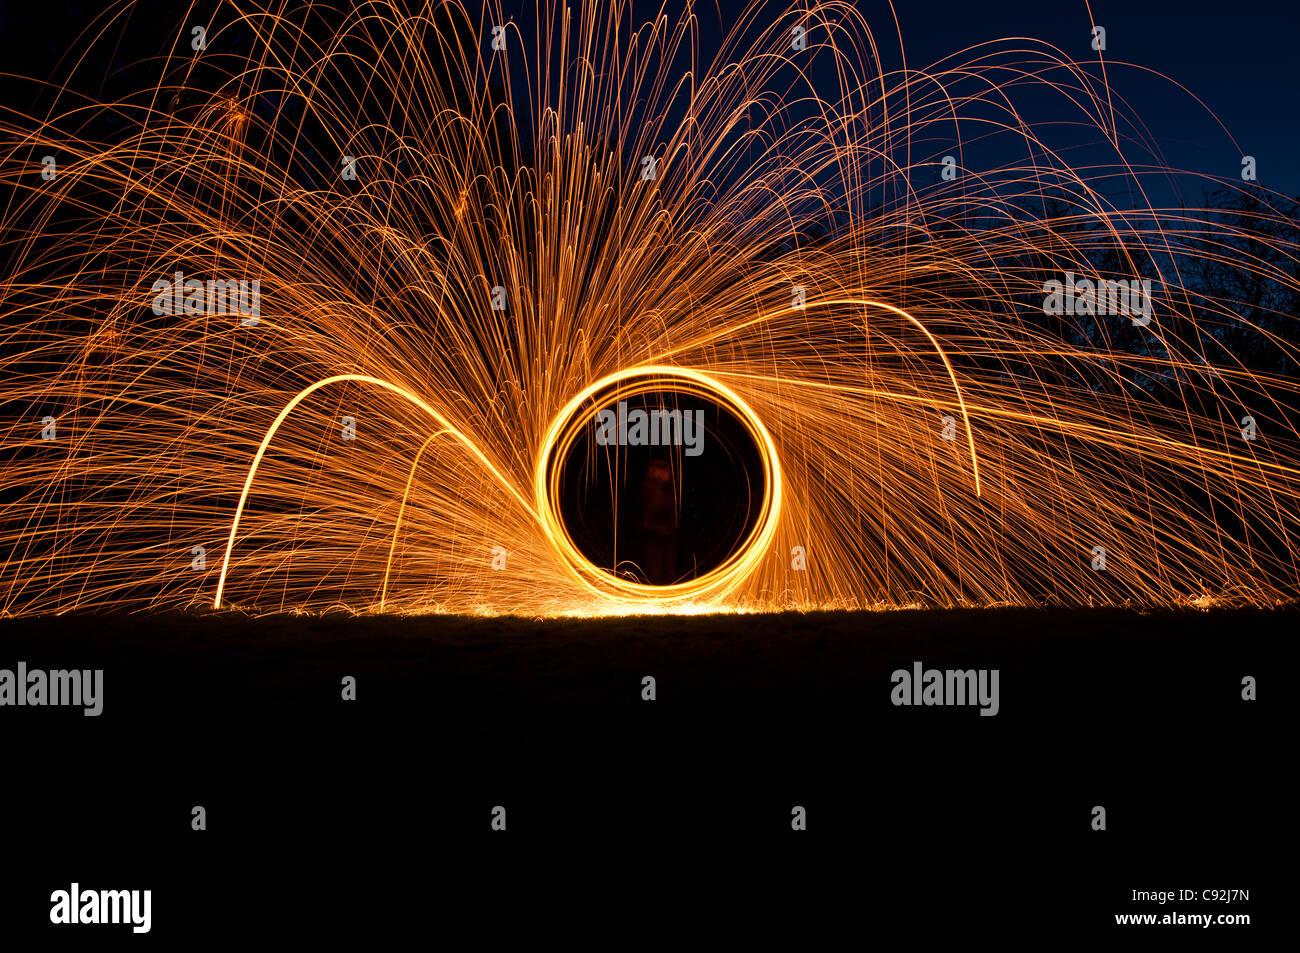 Filature de laine d'acier, créant de magnifiques traînées circulaire de lumière dorée de brûler de l'intérieur laine de fil d'un fouet attaché à fil, ou de corde. Banque D'Images